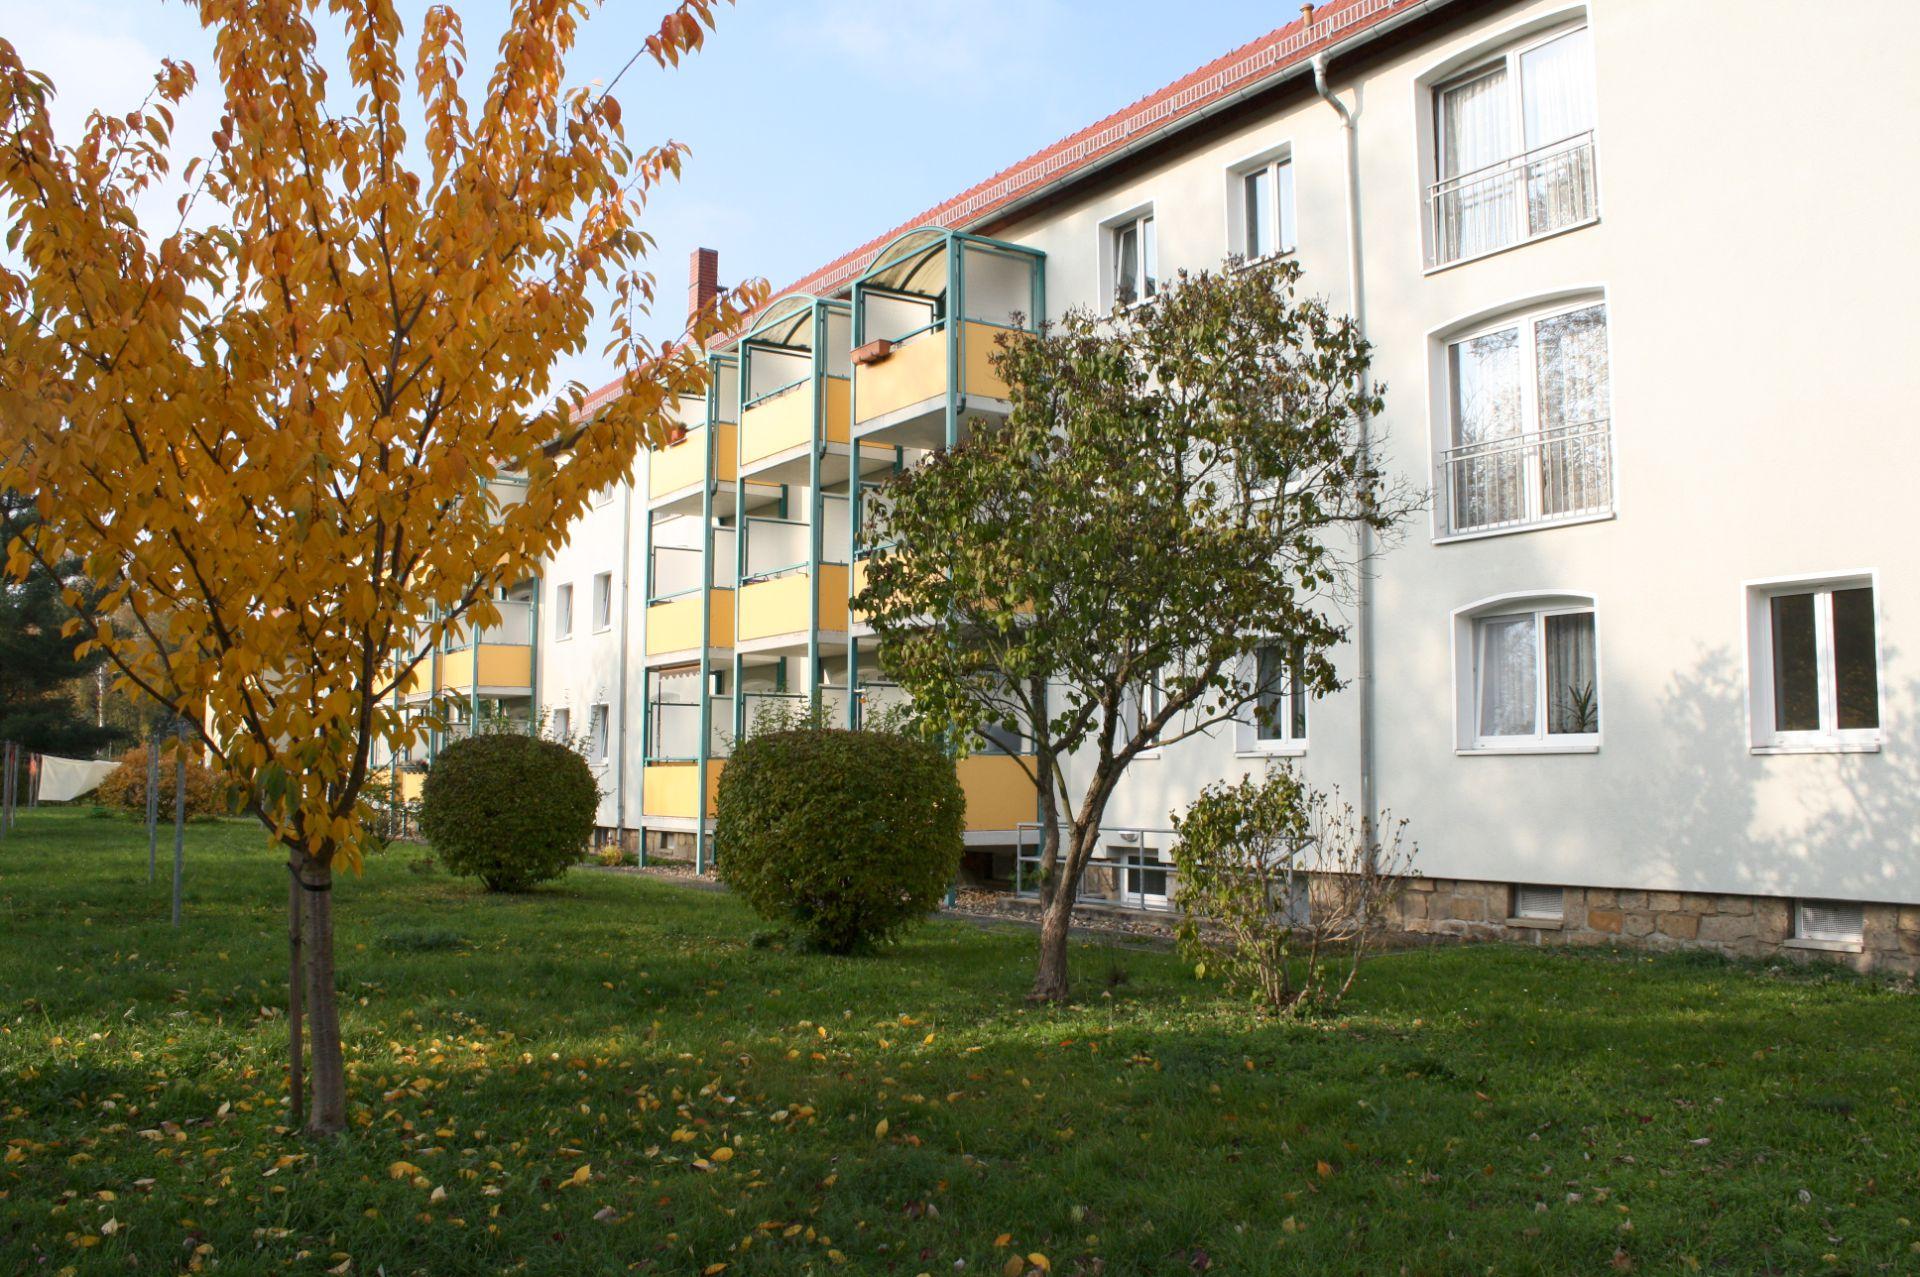 Vermietung Intern Städtische Wohnungsgesellschaft Pirna